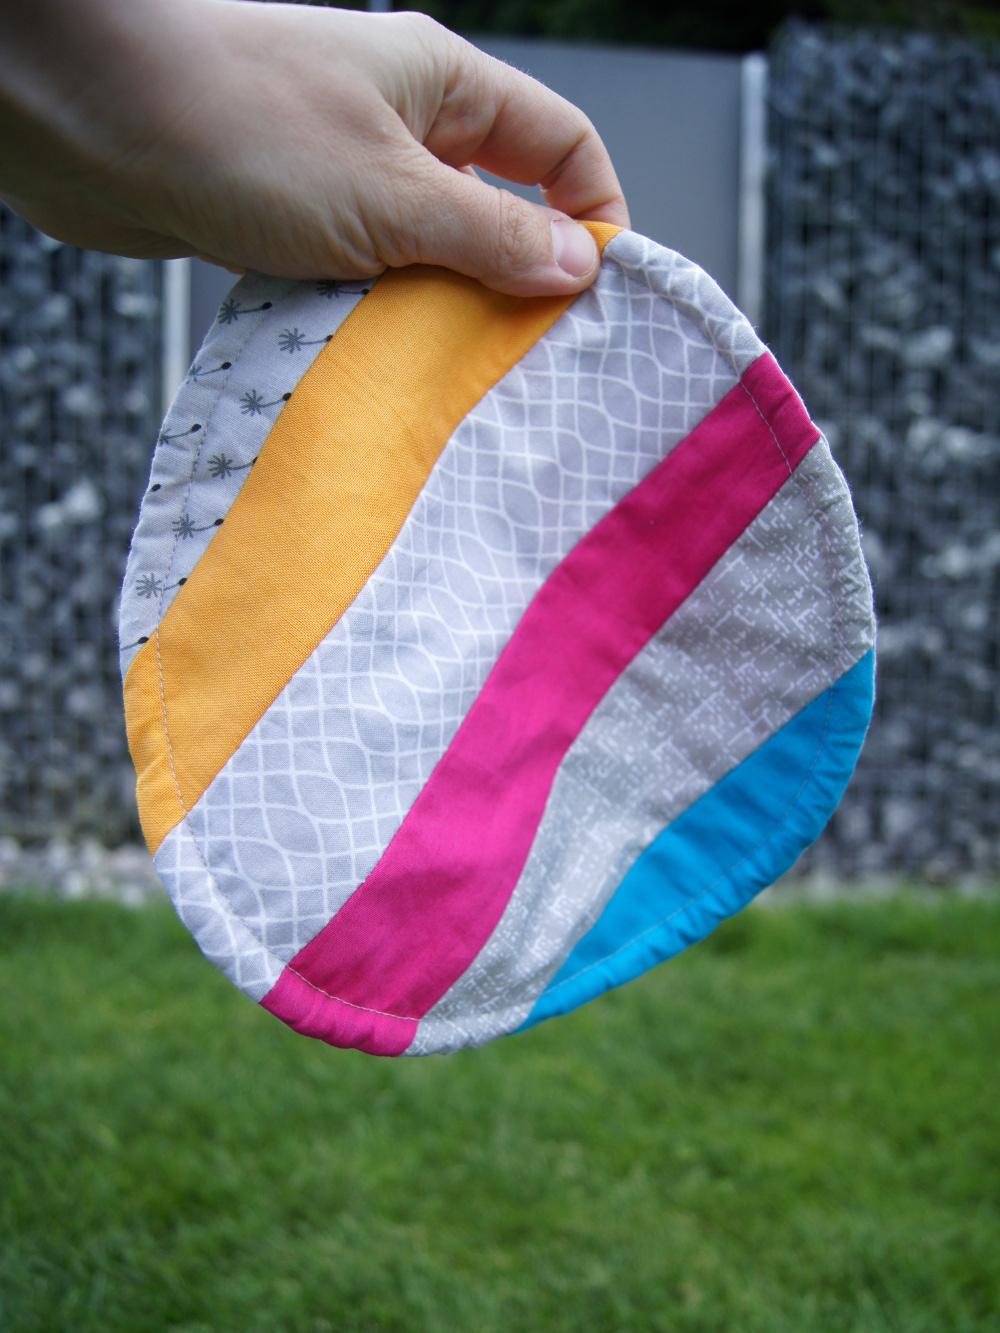 Näh - Anleitung inkl. kostenloser download | Frisbee für Kinder als Spiel selbermachen | von fantasiewerk